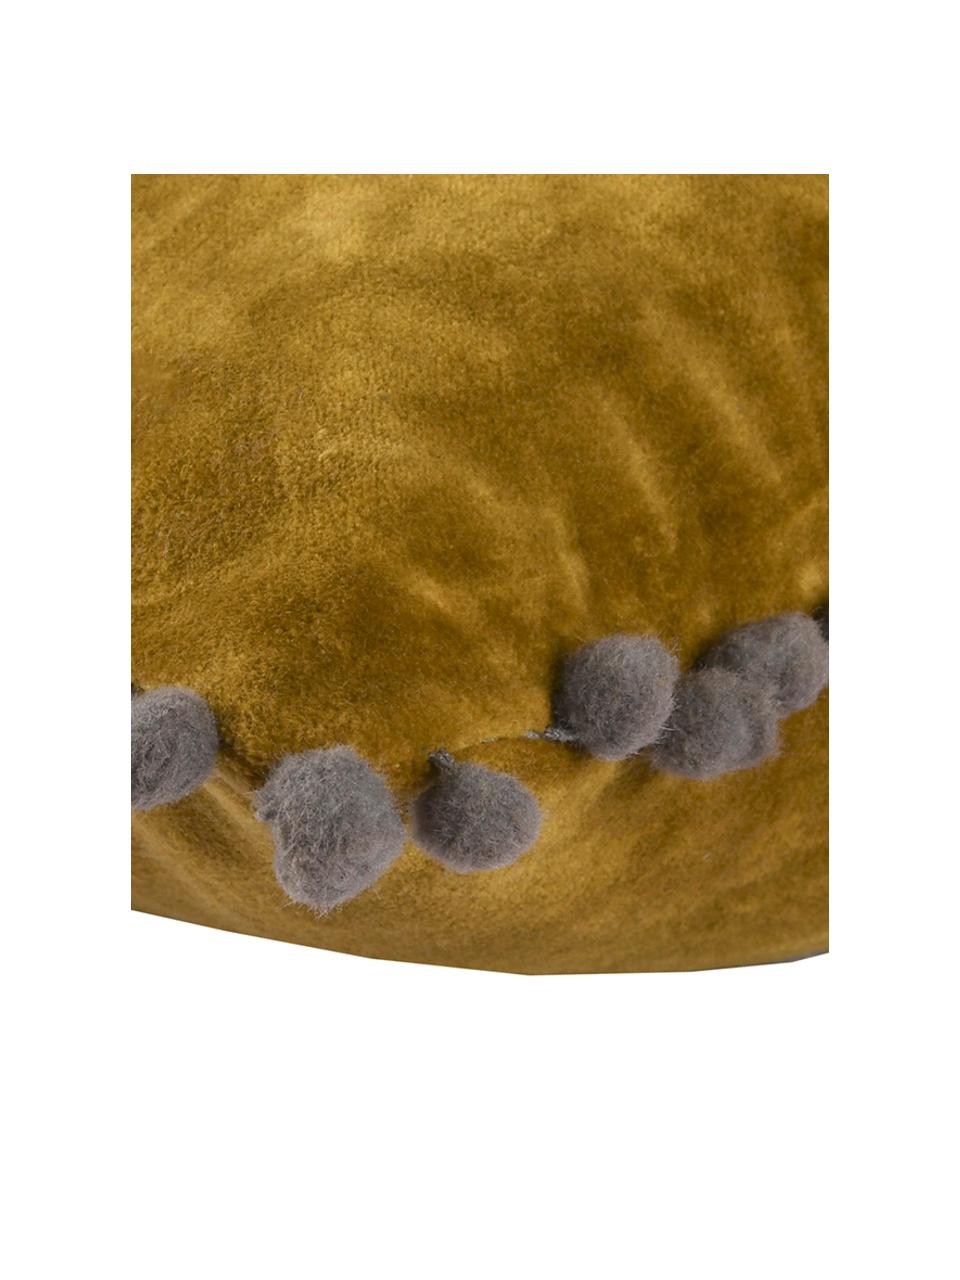 Poszewka na poduszkę z aksamitu Avoriaz, 70% aksamit poliestrowy, 30% akryl, Żółty, S 30 x D 50 cm